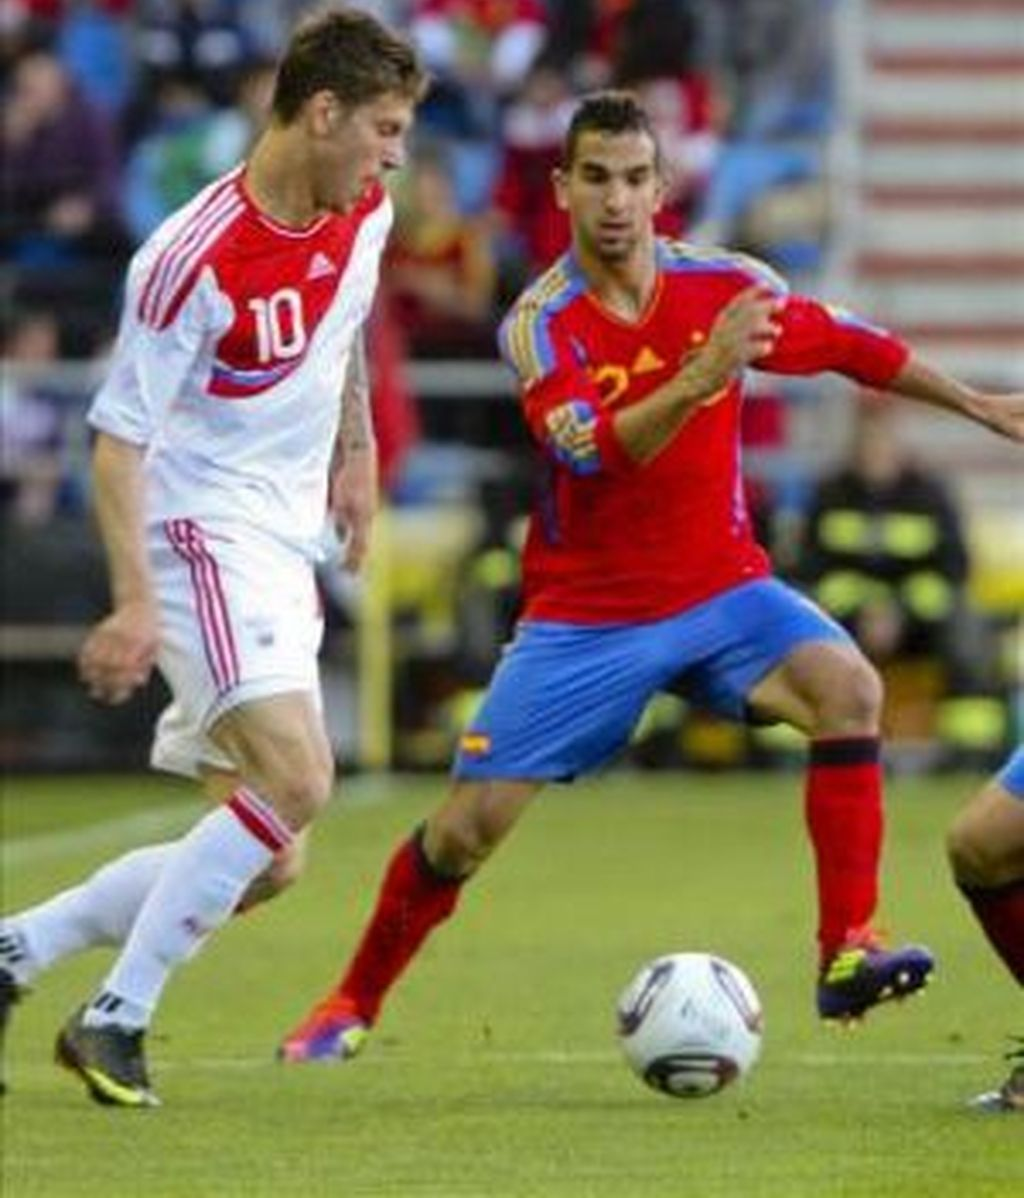 El defensa de España Martín Montoya (d) disputa el balón con un centrocampista de Rusia durante el partido amistoso que disputan ambas selecciones Sub-21 esta tarde en el estadio soriano de Los Pajaritos. Foto: EFE.